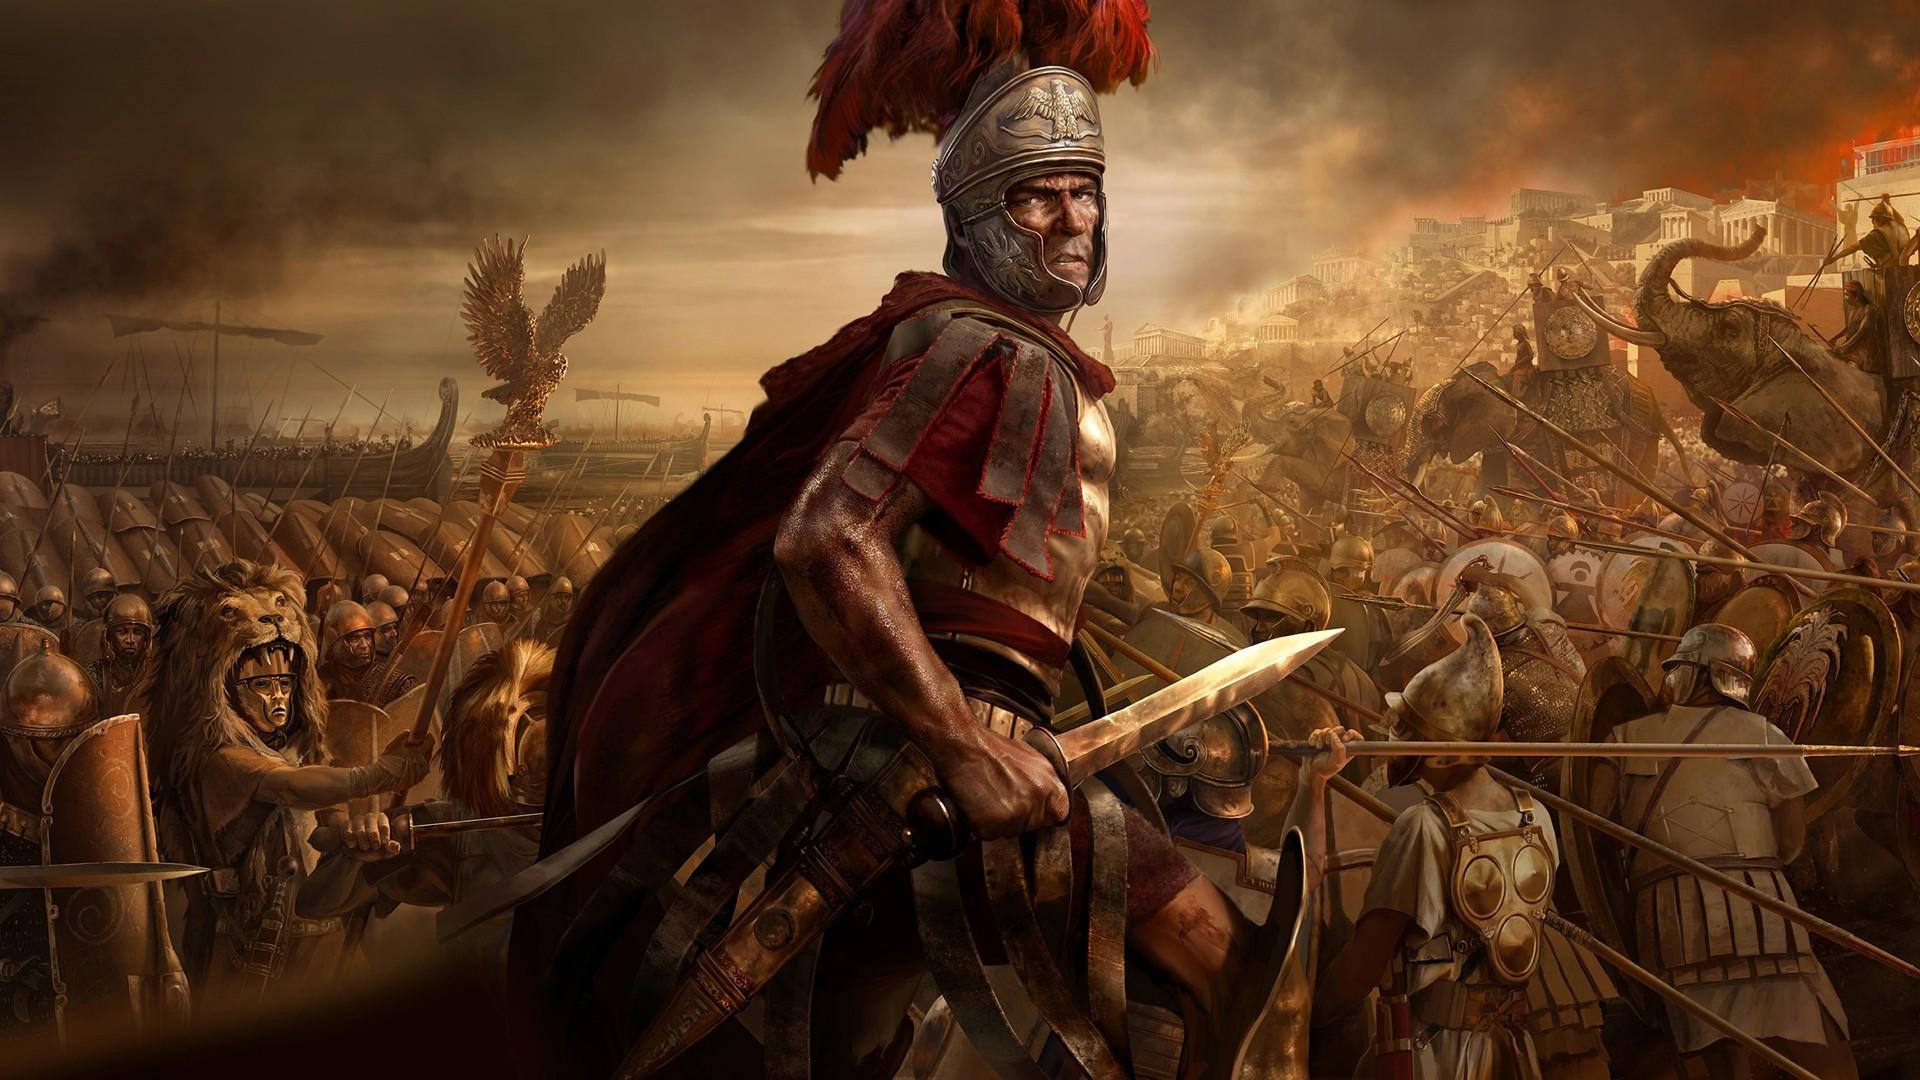 Free Download Rome 2 Roman Soldier Sword Warrior Warriors